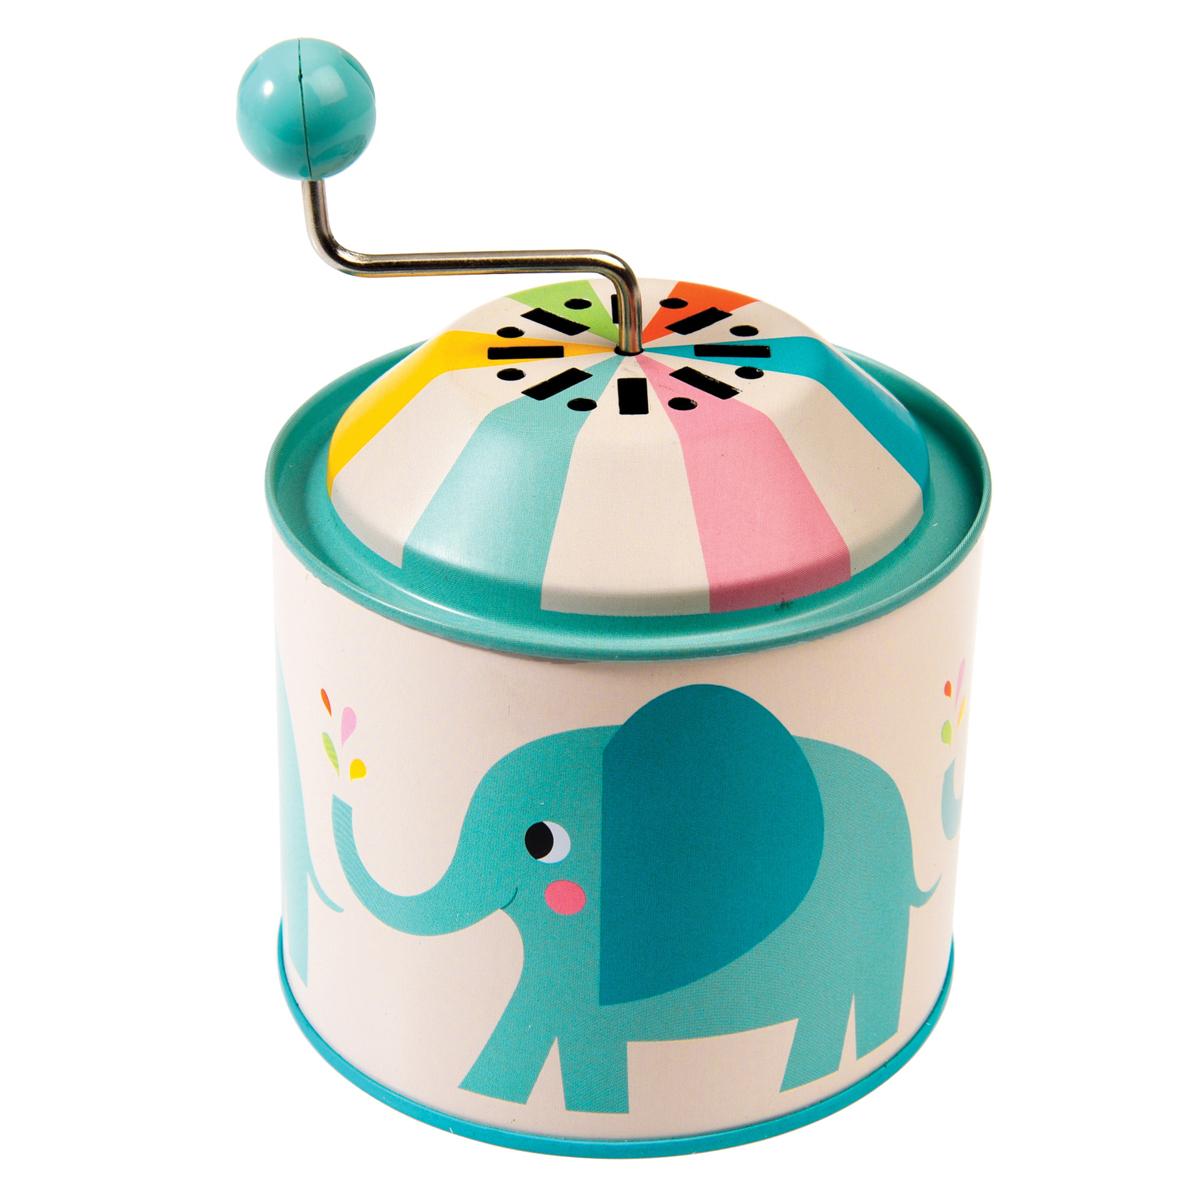 Boîte à musique Boîte à Musique Elvis l'éléphant Boîte à Musique Elvis l'éléphant